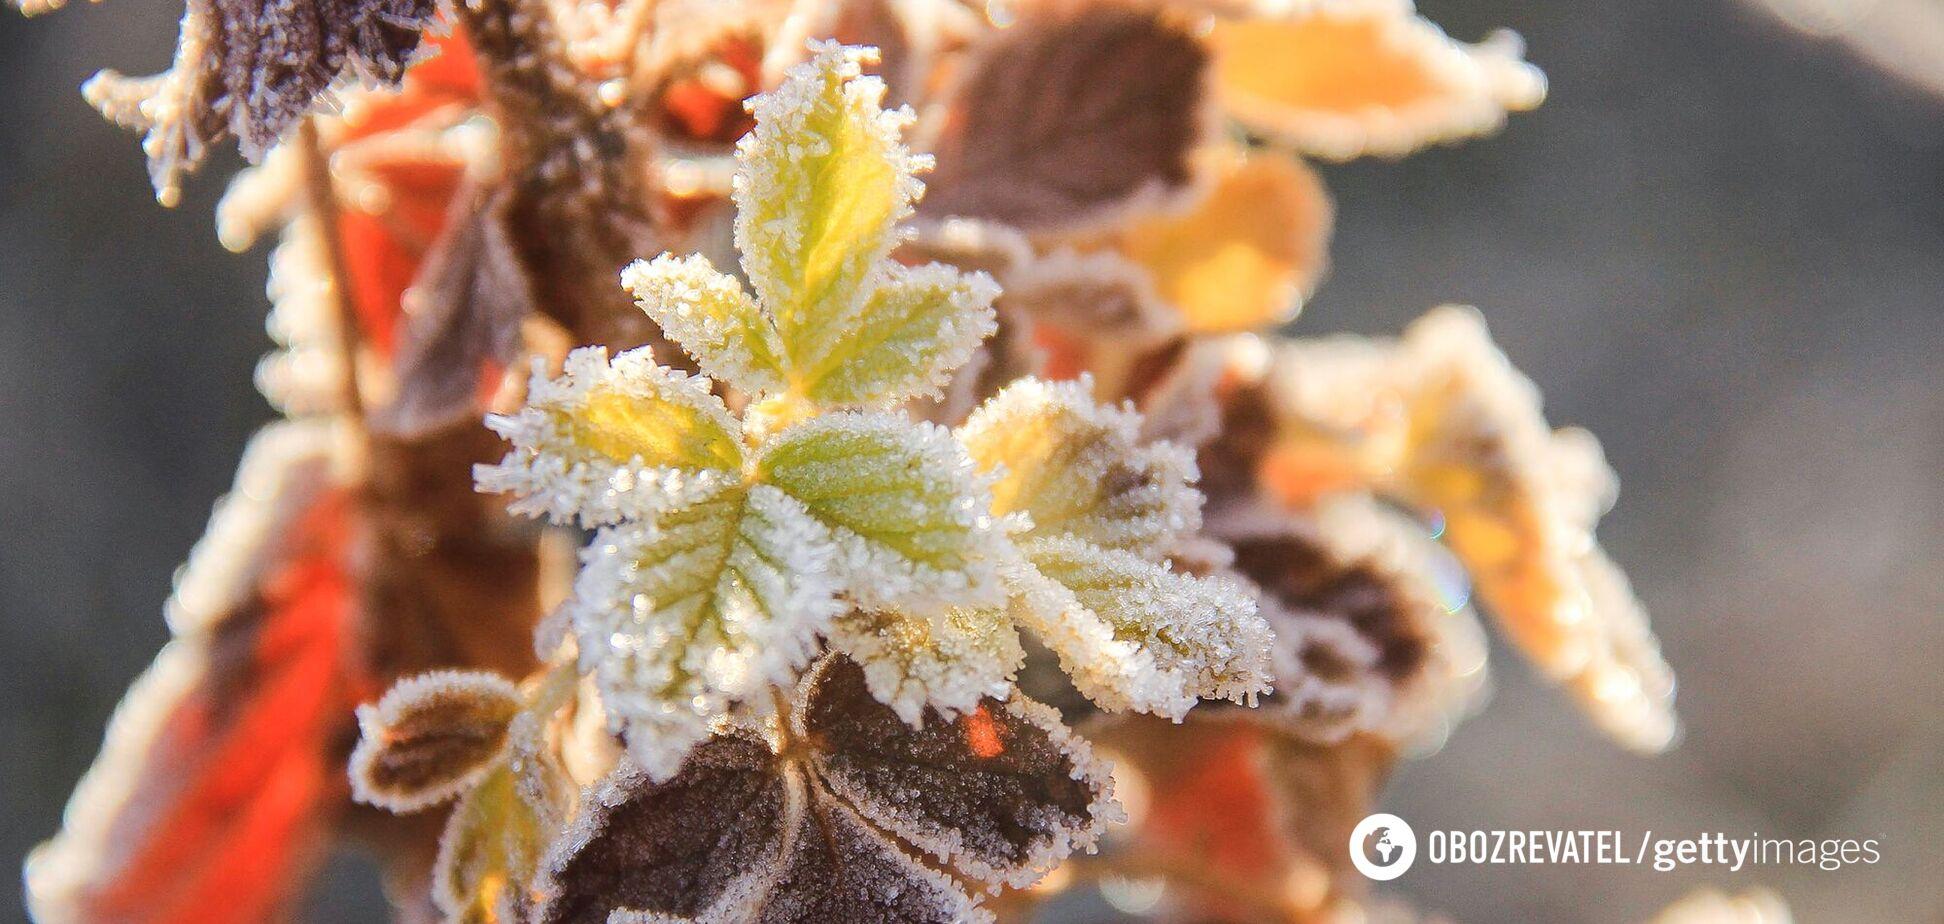 Когда осенью 2020 в Украину придут заморозки: названы даты